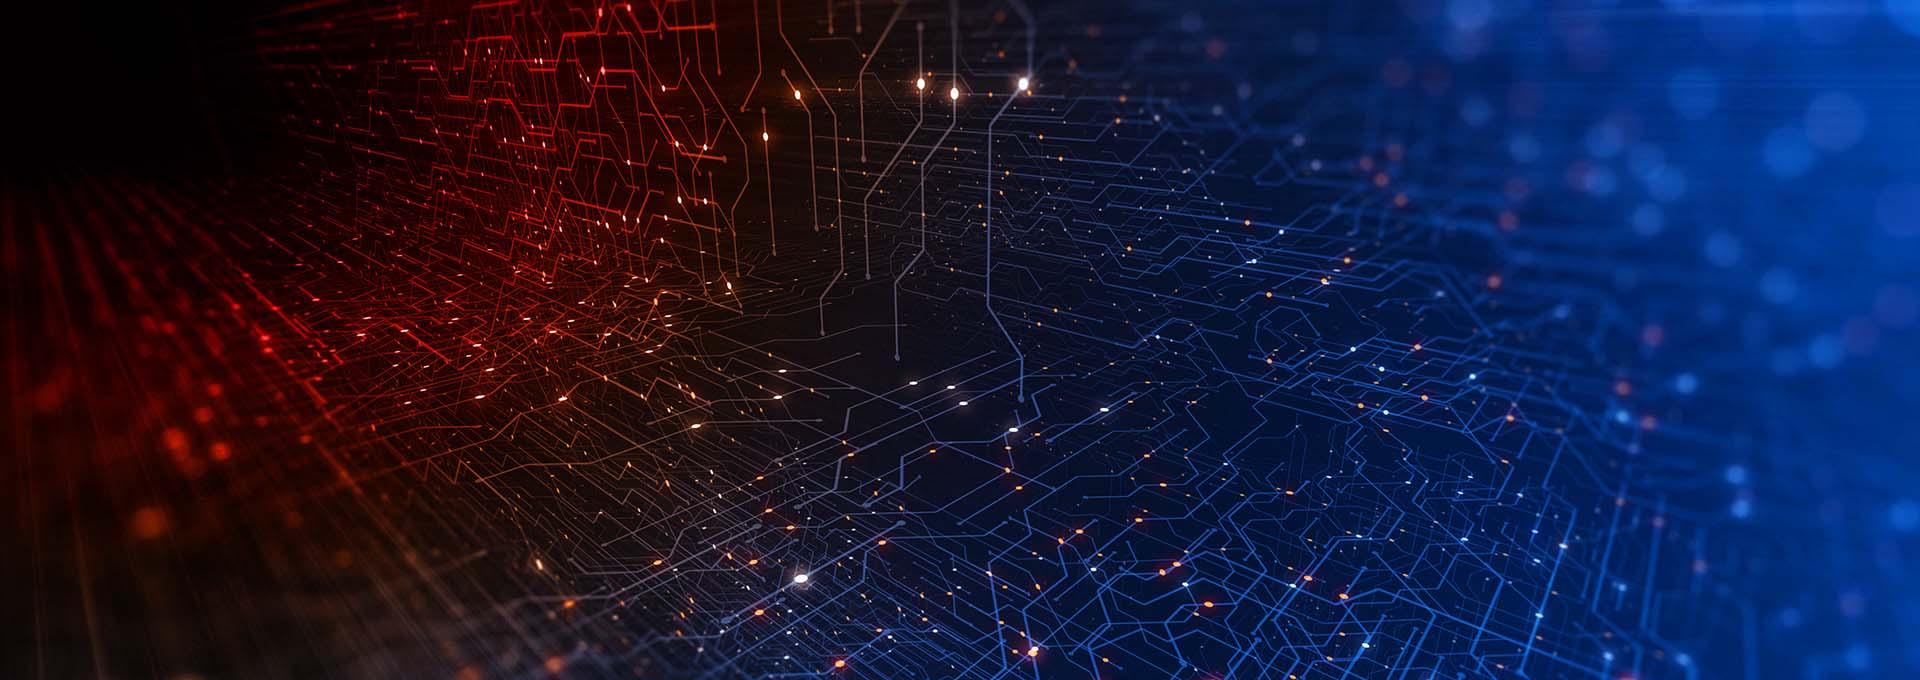 Punaisella ja sinisellä valaistu,  liitettyjen pisteiden verkko symboloi Oasisnxt Fitting -ohjelmiston digitaalista maailmaa.